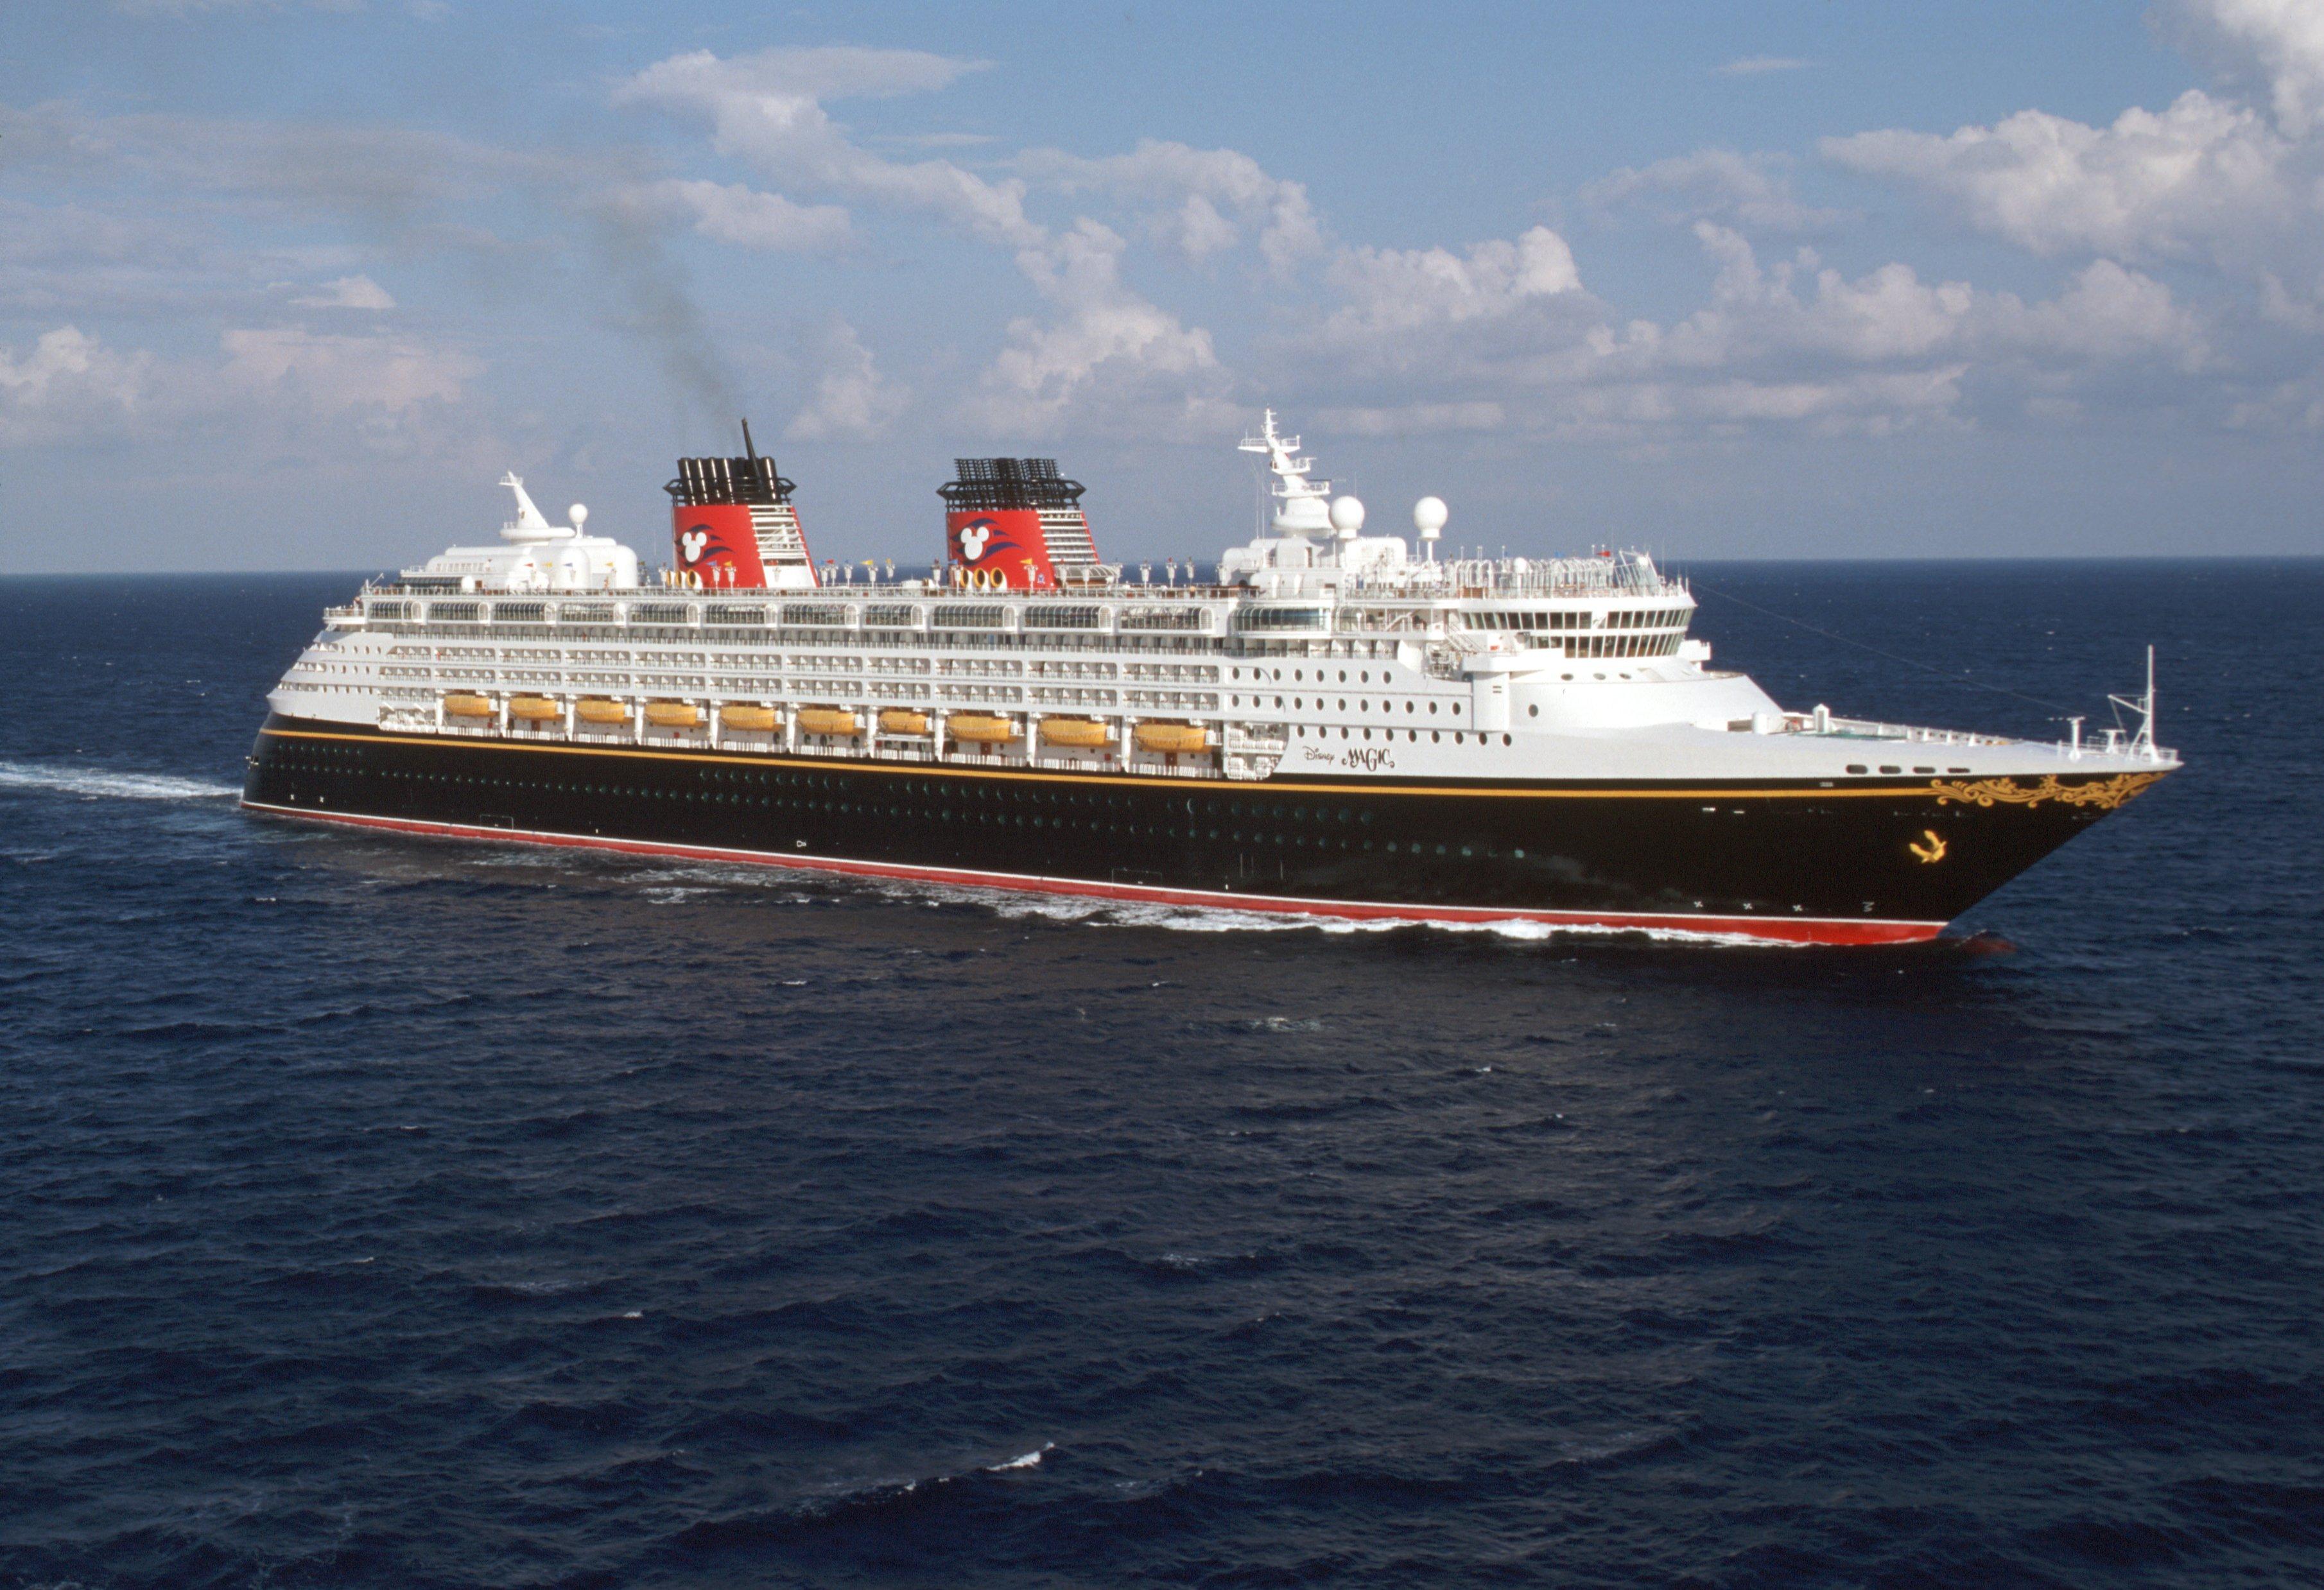 Cruise Quotes Quotesgram: Disney Cruise Quotes. QuotesGram